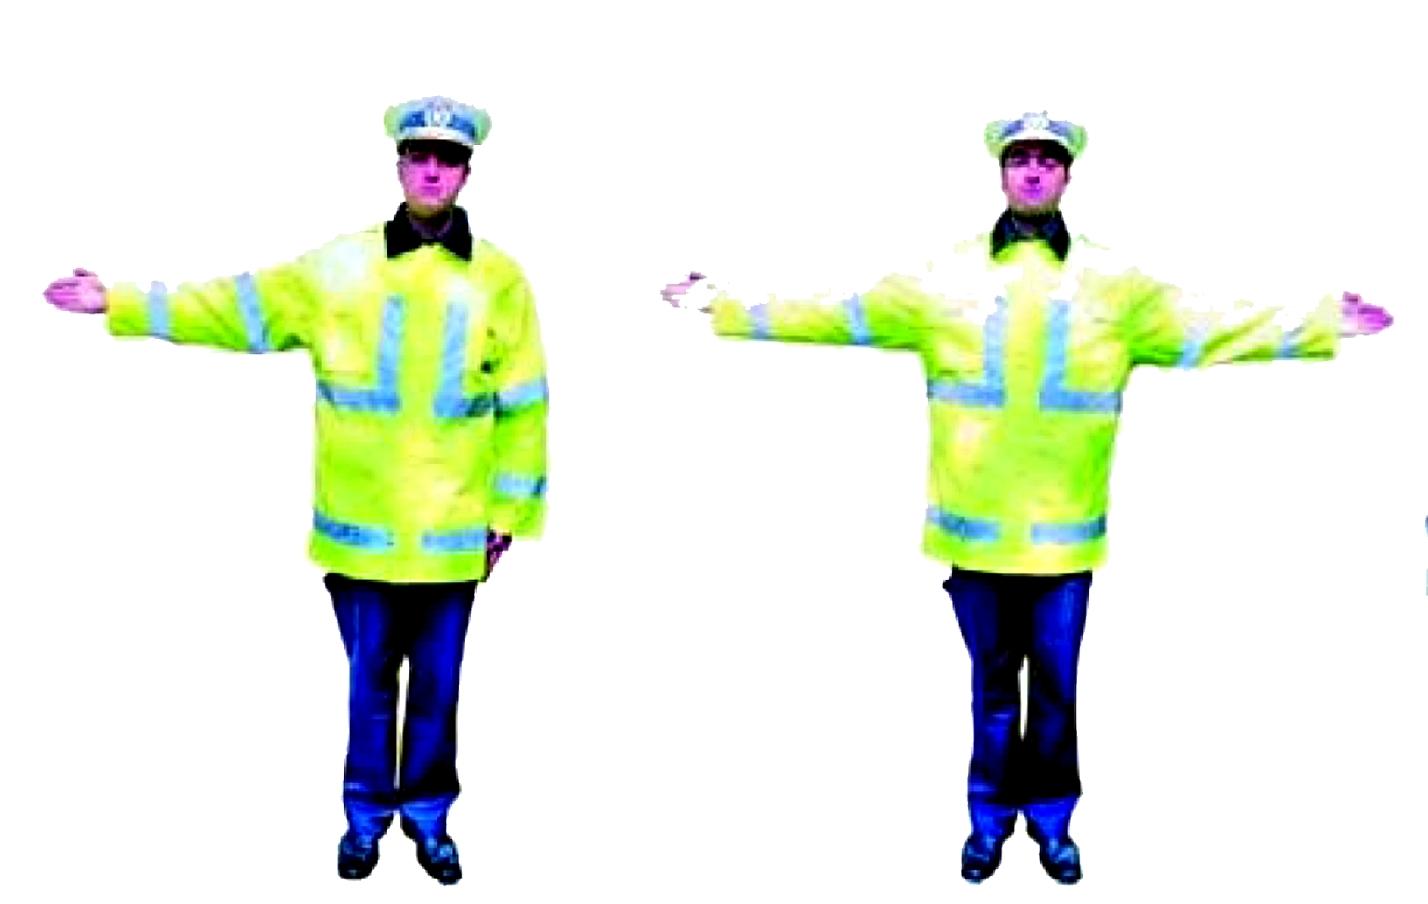 Semnifica oprire pentru cei care circula din directia (directiile)  intersectate de bratul  (bratele) intinse.   Dupa ce a dat acest semnal, politistul poate cobori bratele, aceasta insemnand oprire pentru cei din fata sau din spate.